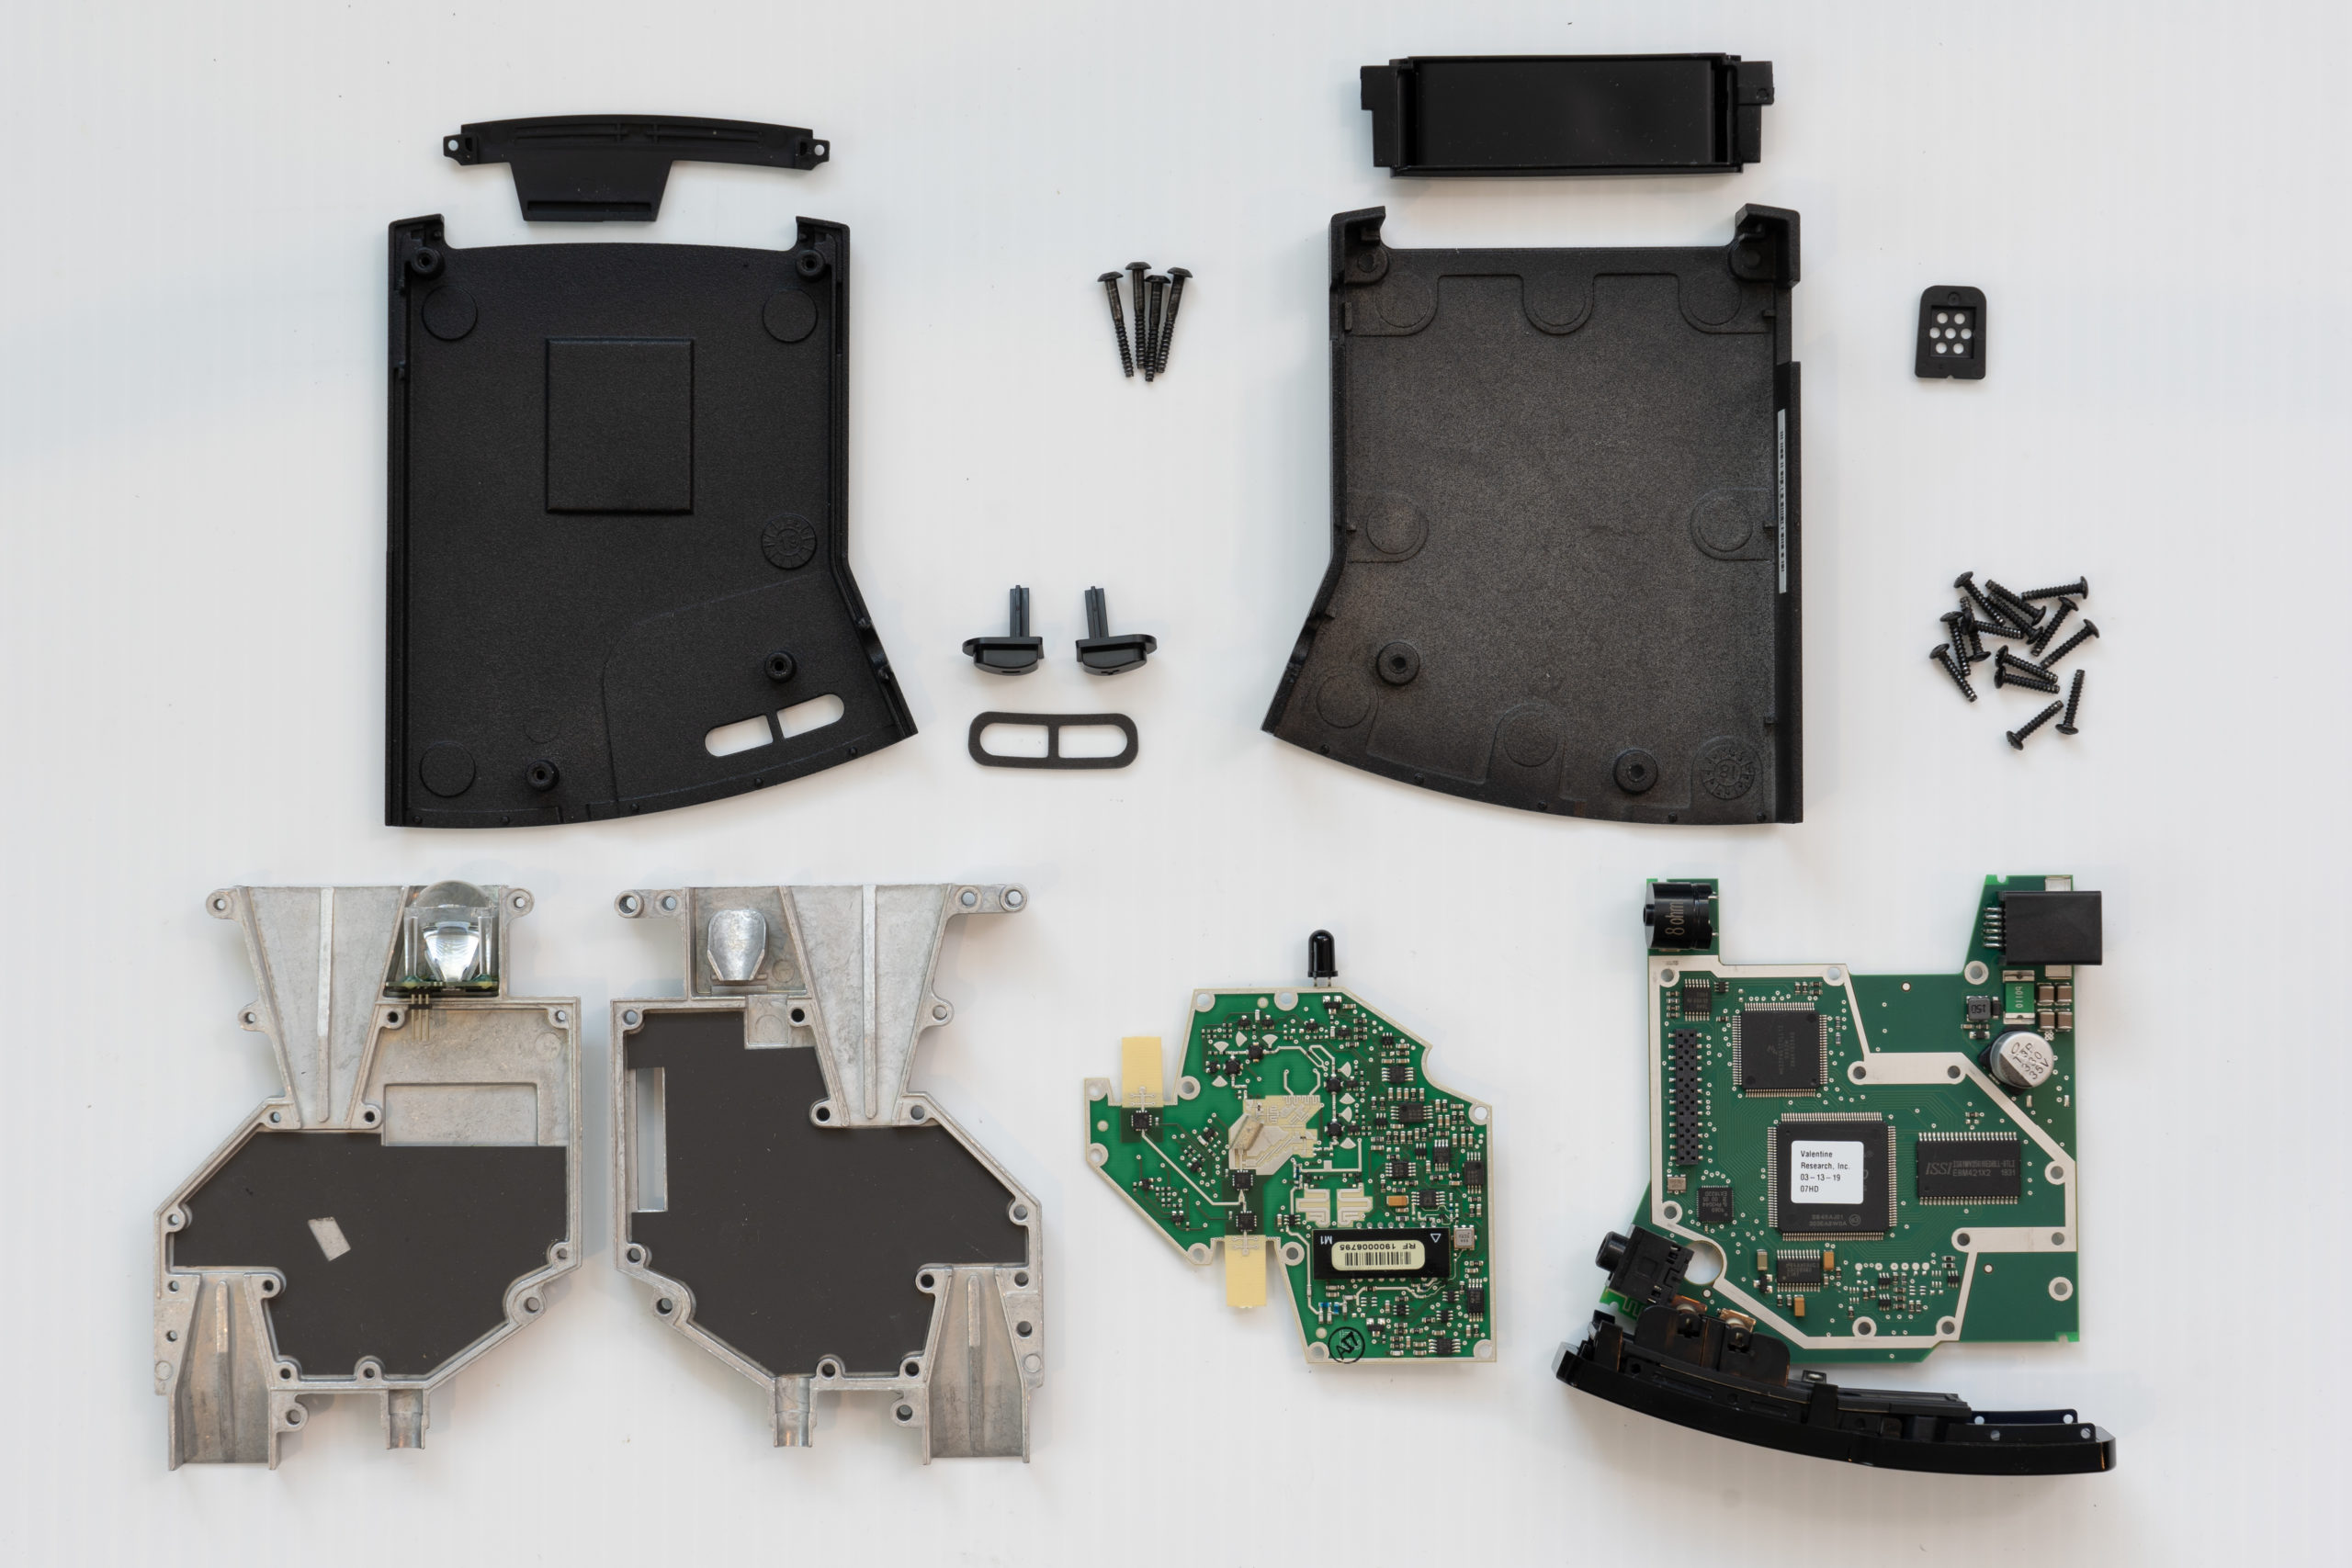 V1 Gen2 Parts laid out